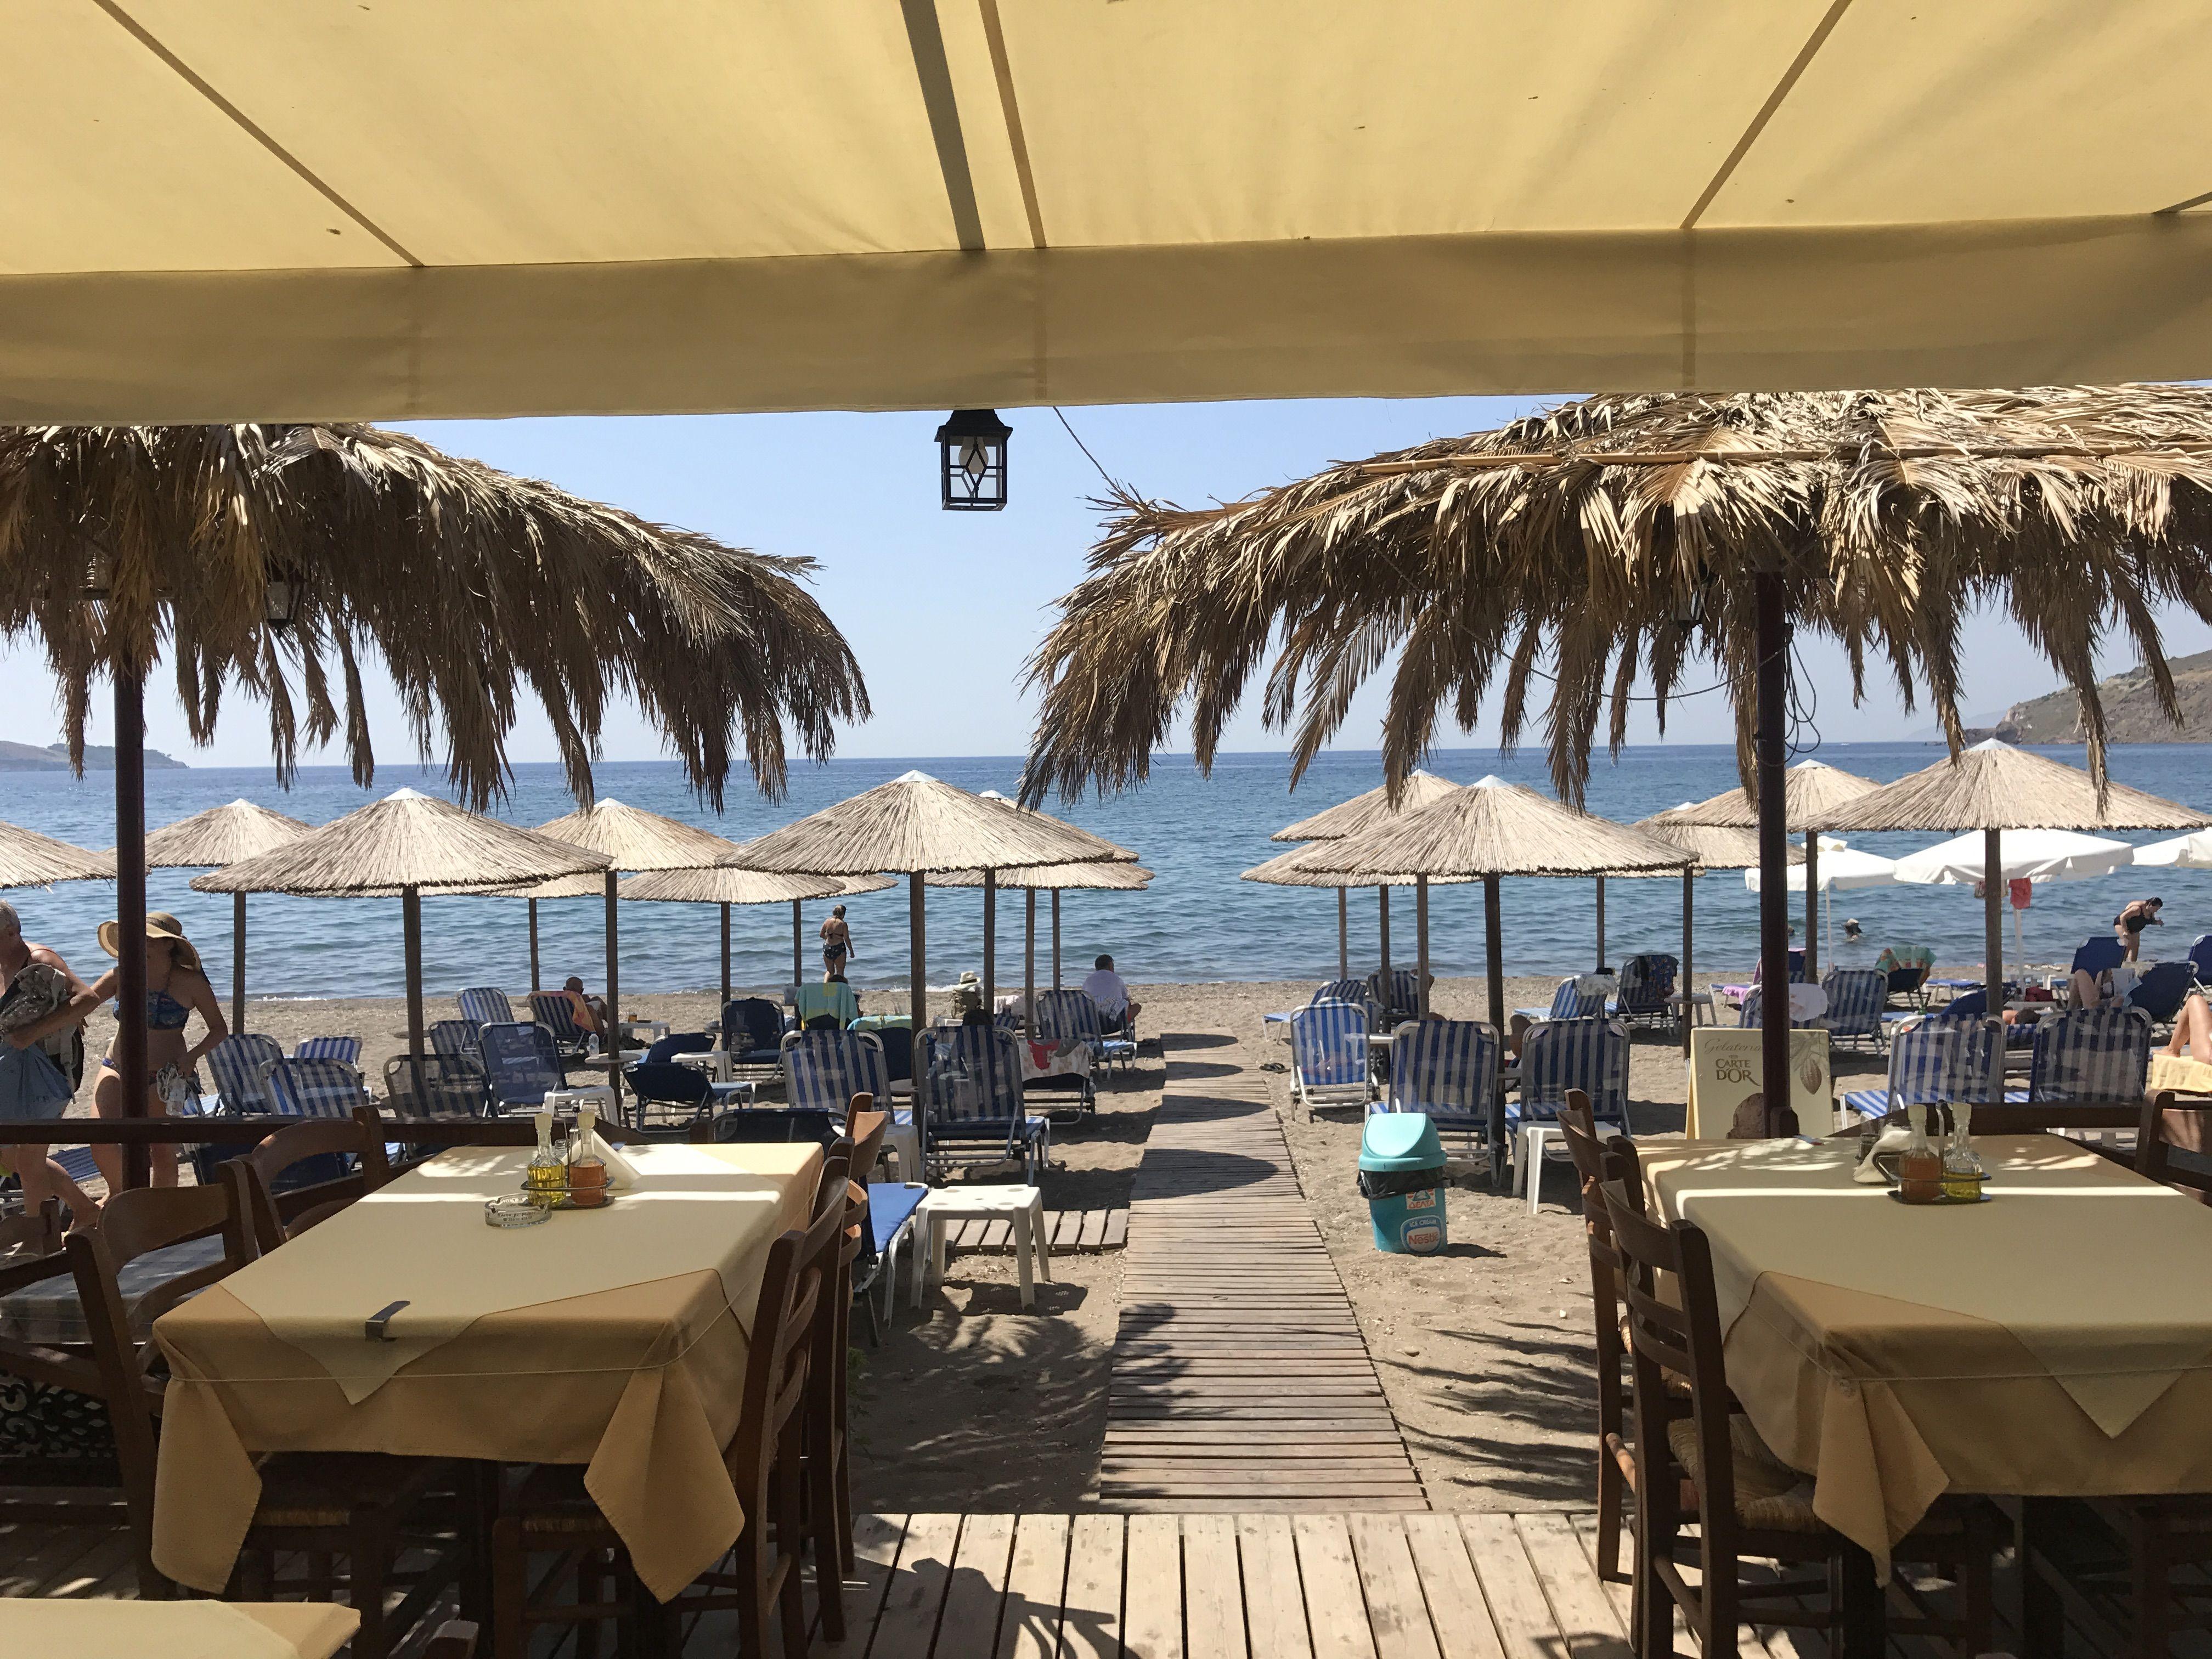 Petra Lesbos restaurant Christos, de moeite waard om een hapje te eten en om lekker op het strand te liggen op een van de gratis bedjes